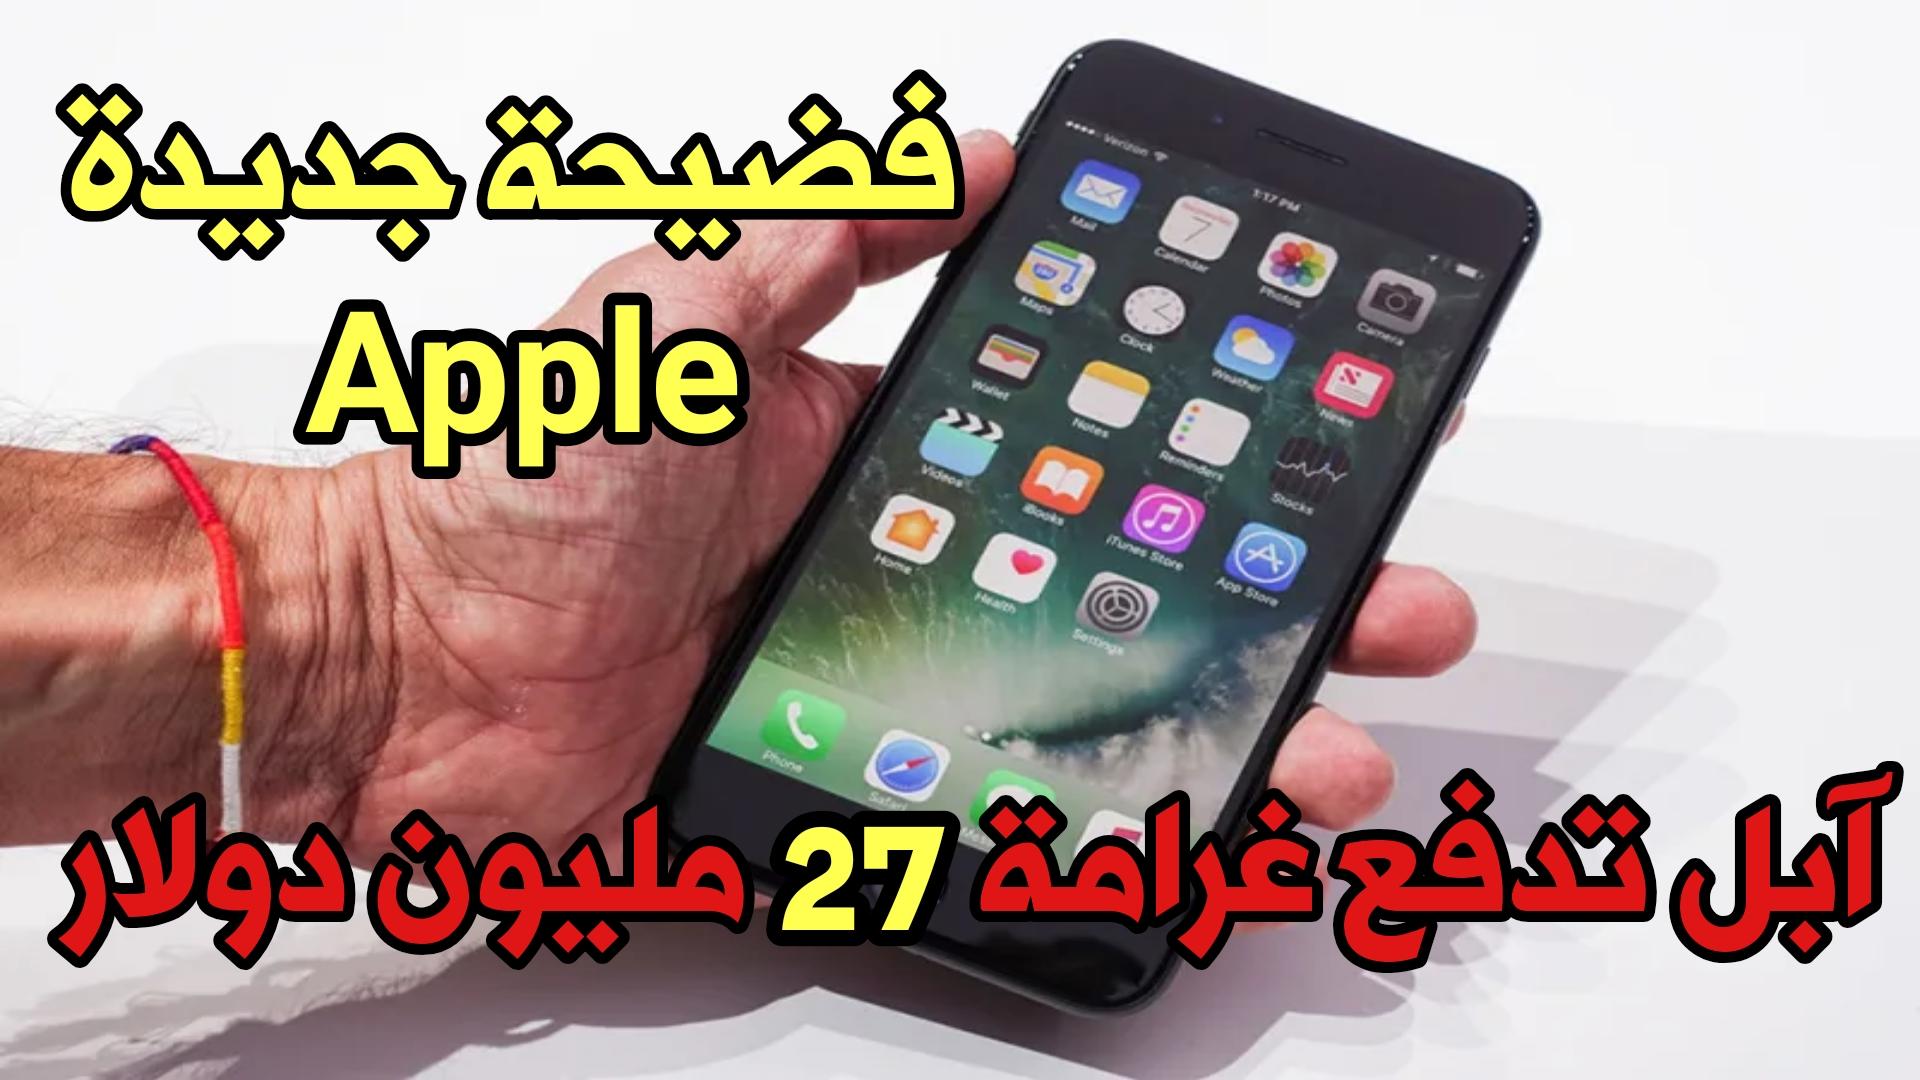 تغريم شركة Apple مبلغ 27 مليون دولار !!! فضيحة أبطاء هواتف iPhone القديمة منظمة DGCCRF الفرنسية